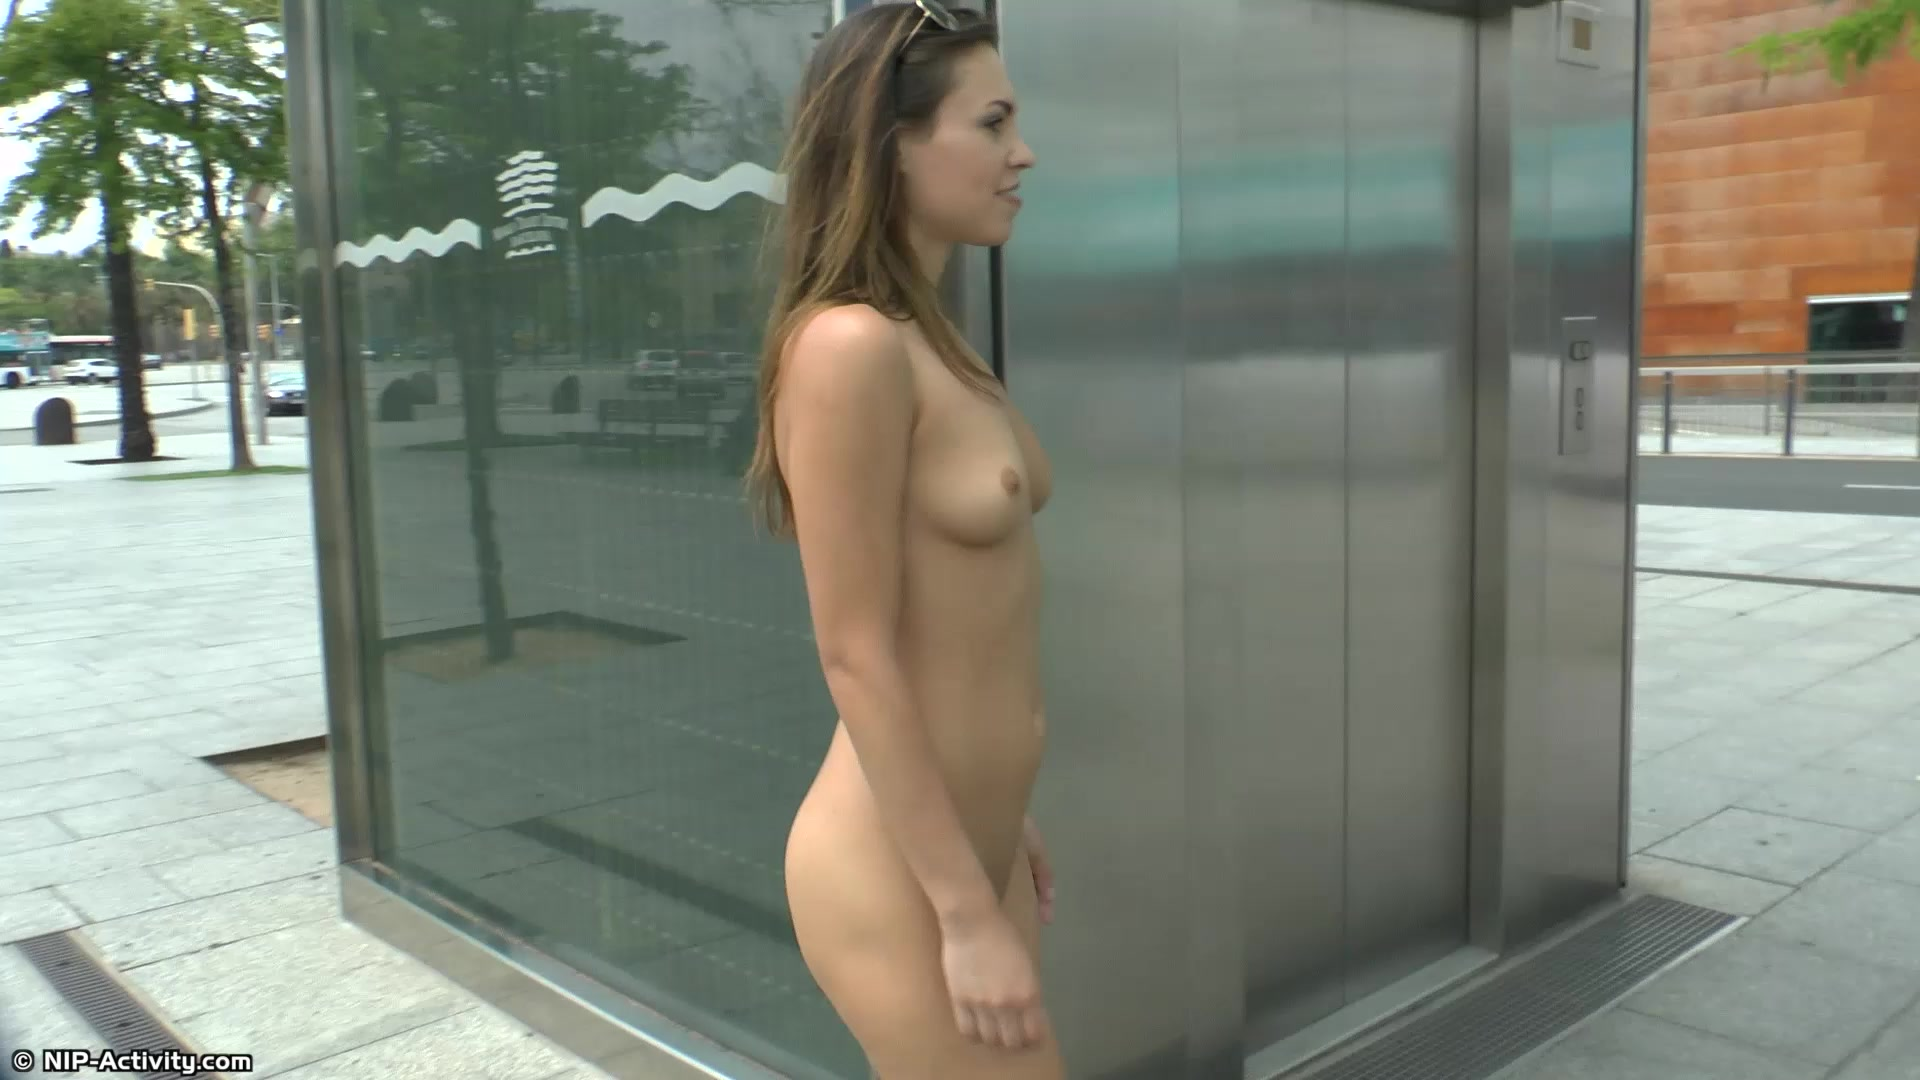 Публичное Обнажение Порно Онлайн